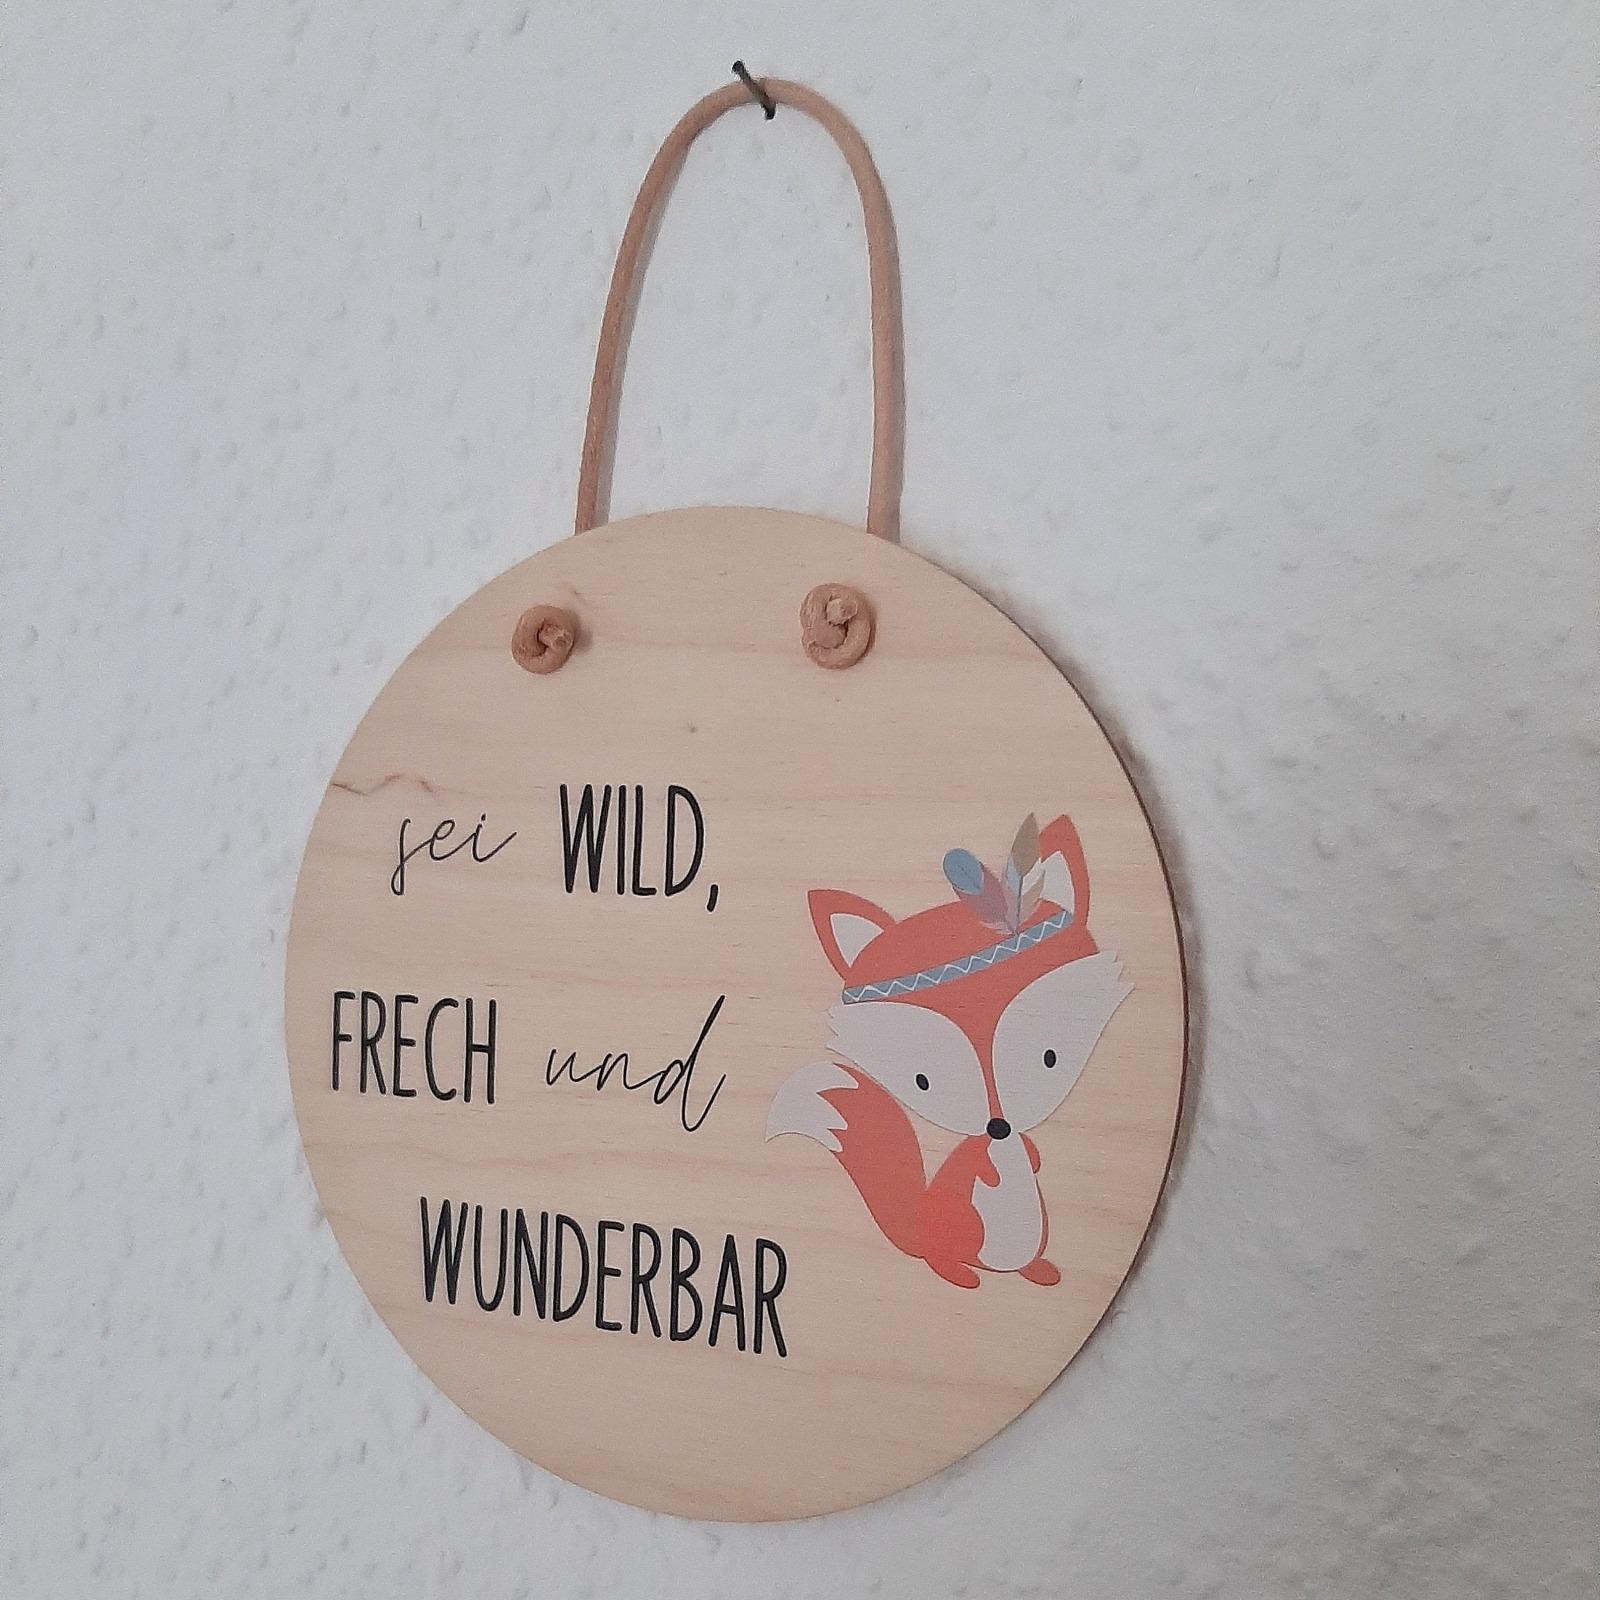 Holzschild mit Spruch und Tier 7